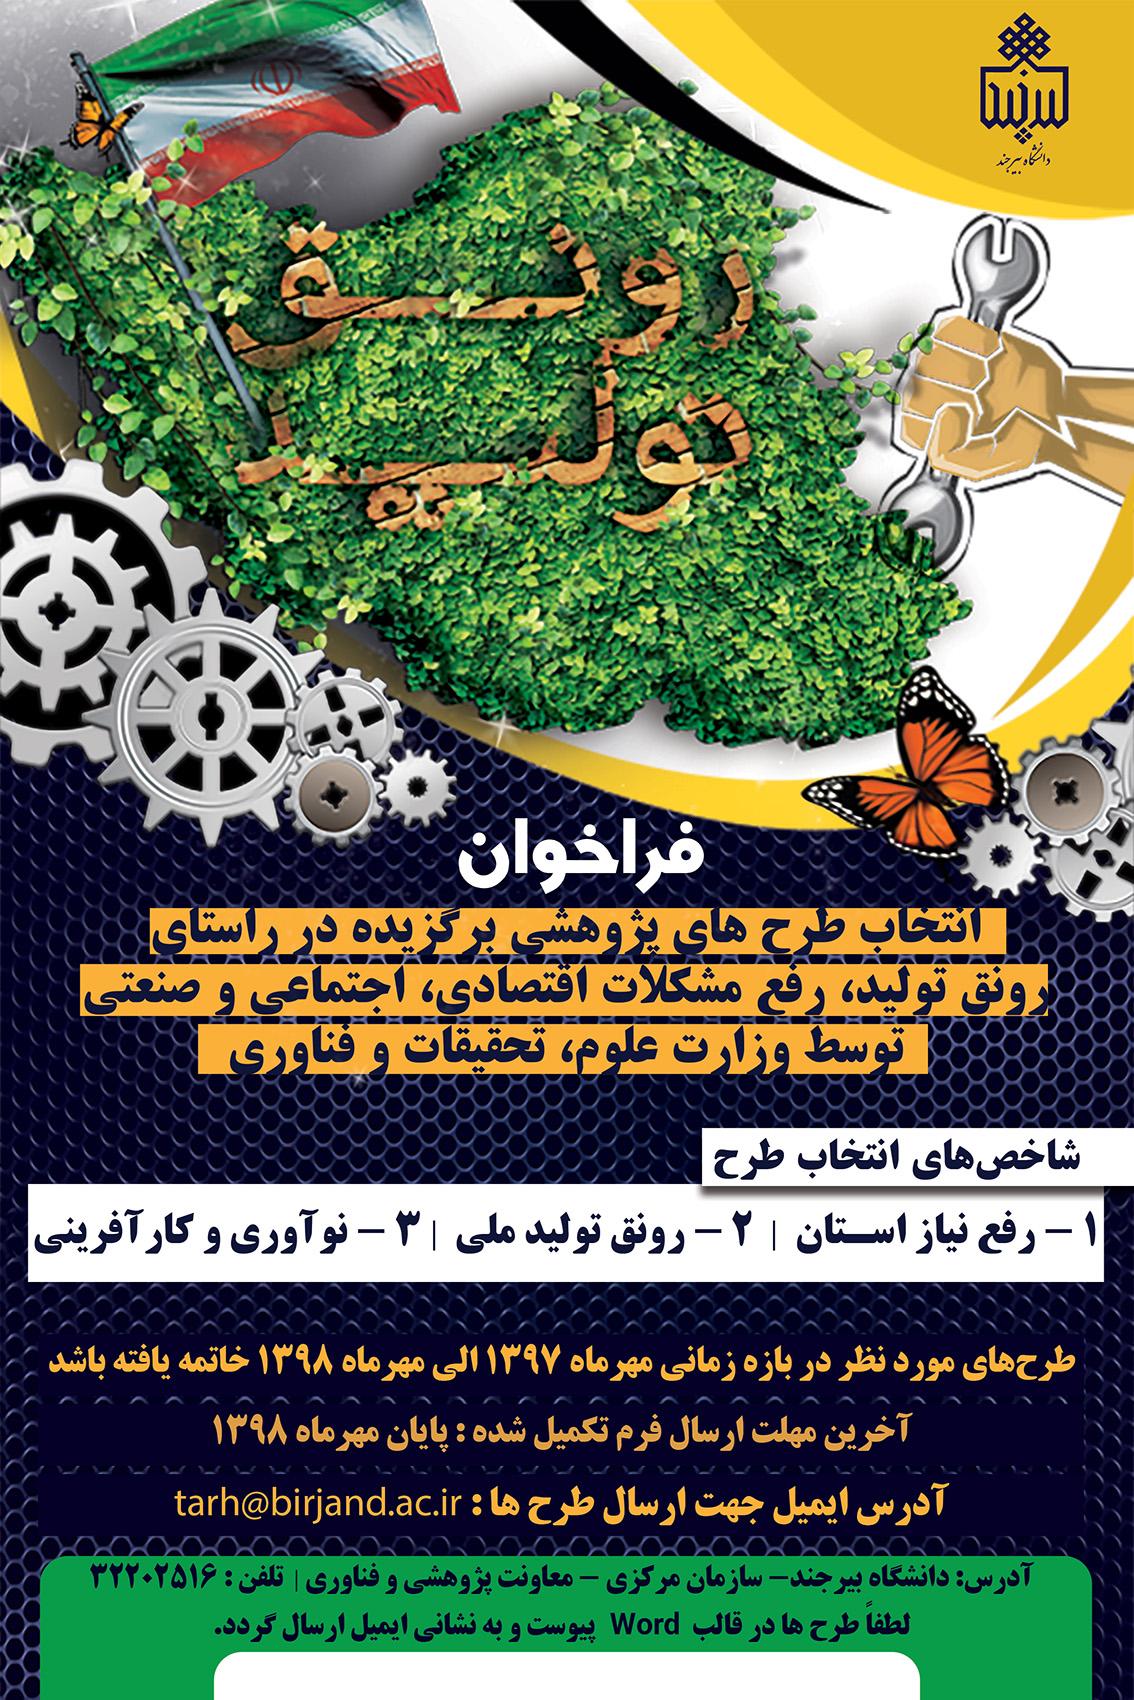 طرحهای برگزیده دانشگاهها و پژوهشگاههای استان خراسان جنوبی